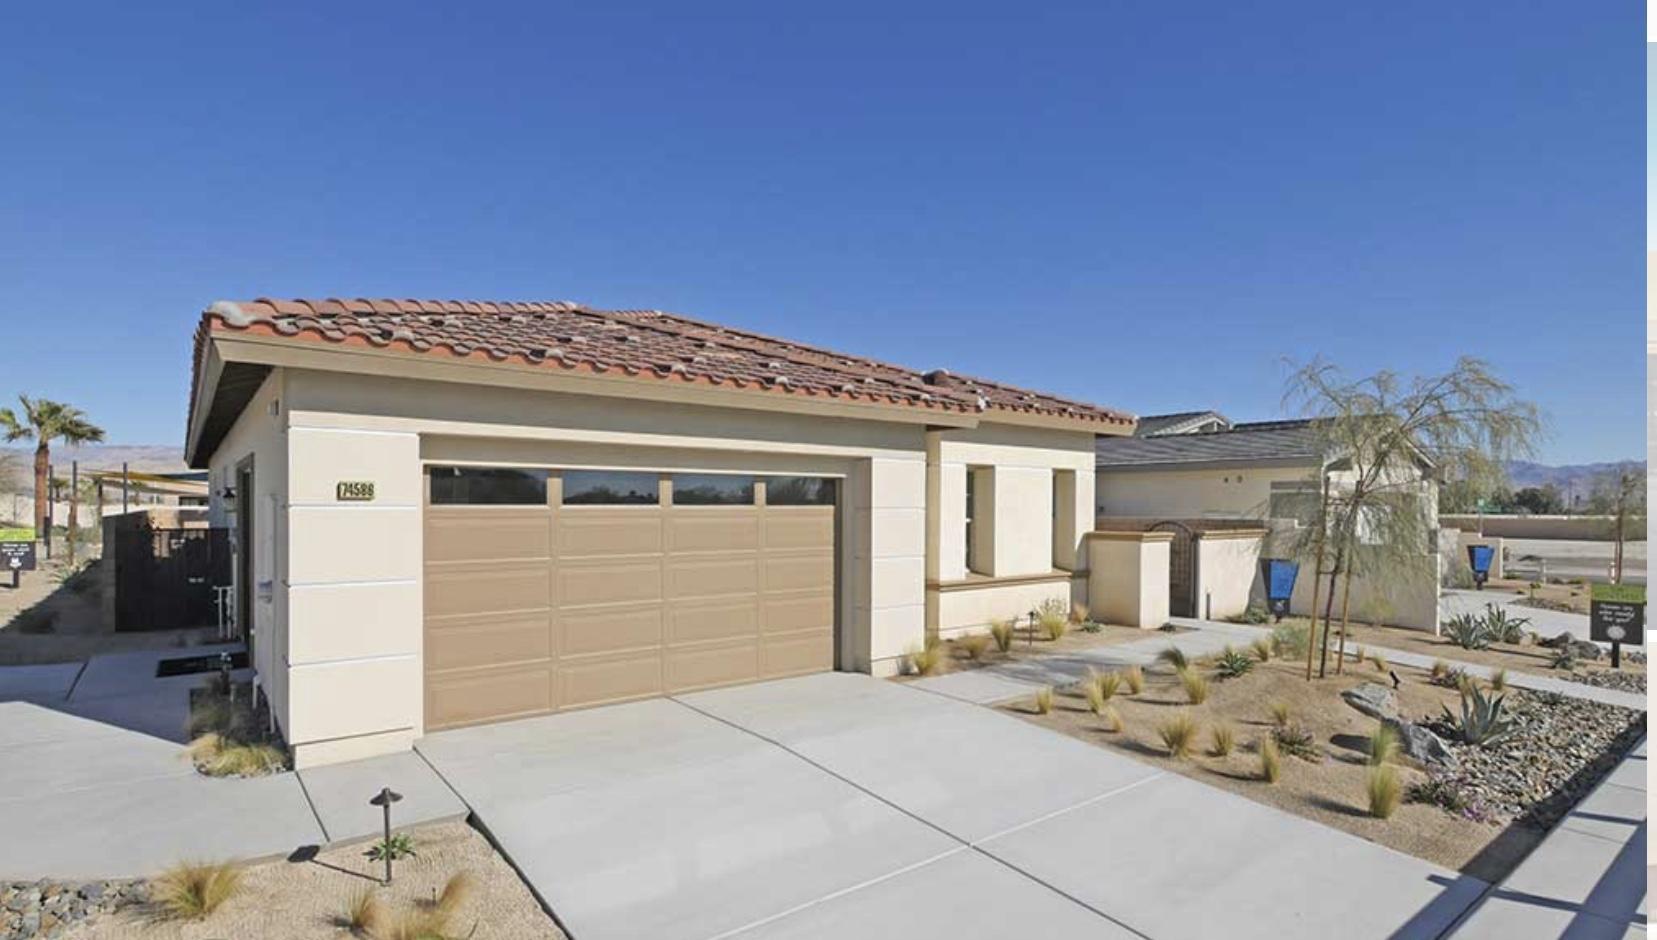 74327 Zepplin Drive, Palm Desert, California 92211, 2 Bedrooms Bedrooms, ,4 BathroomsBathrooms,Residential,For Sale,74327 Zepplin Drive,219035229